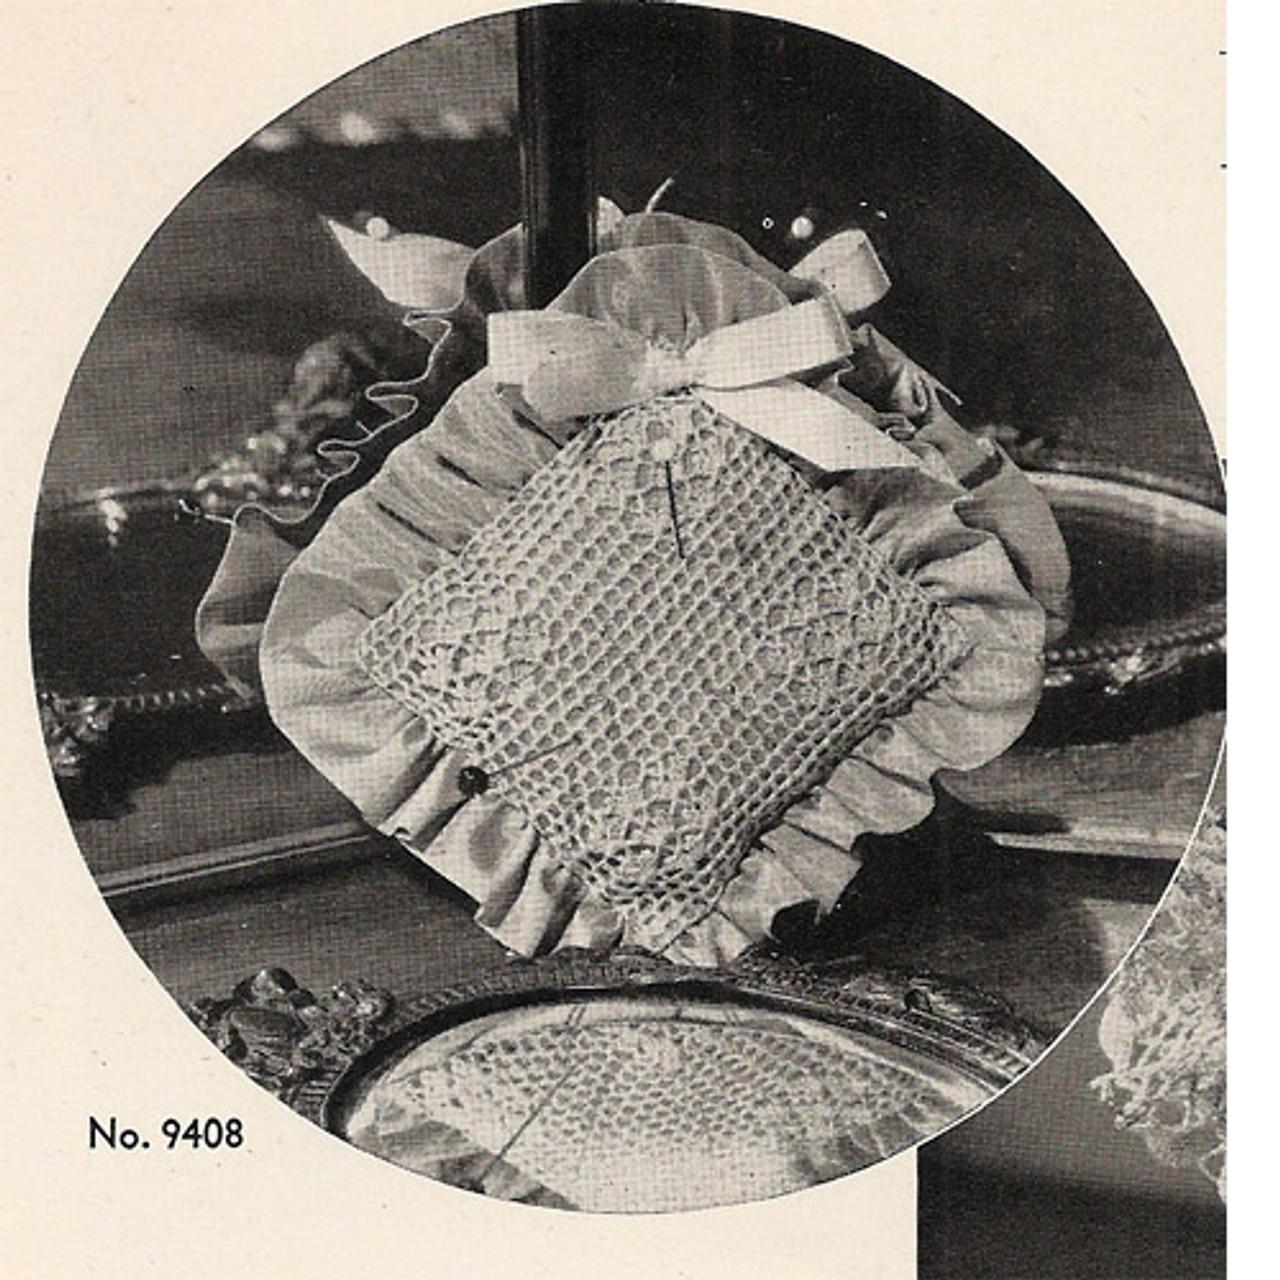 Lacy Crocheted Pincushion Pattern